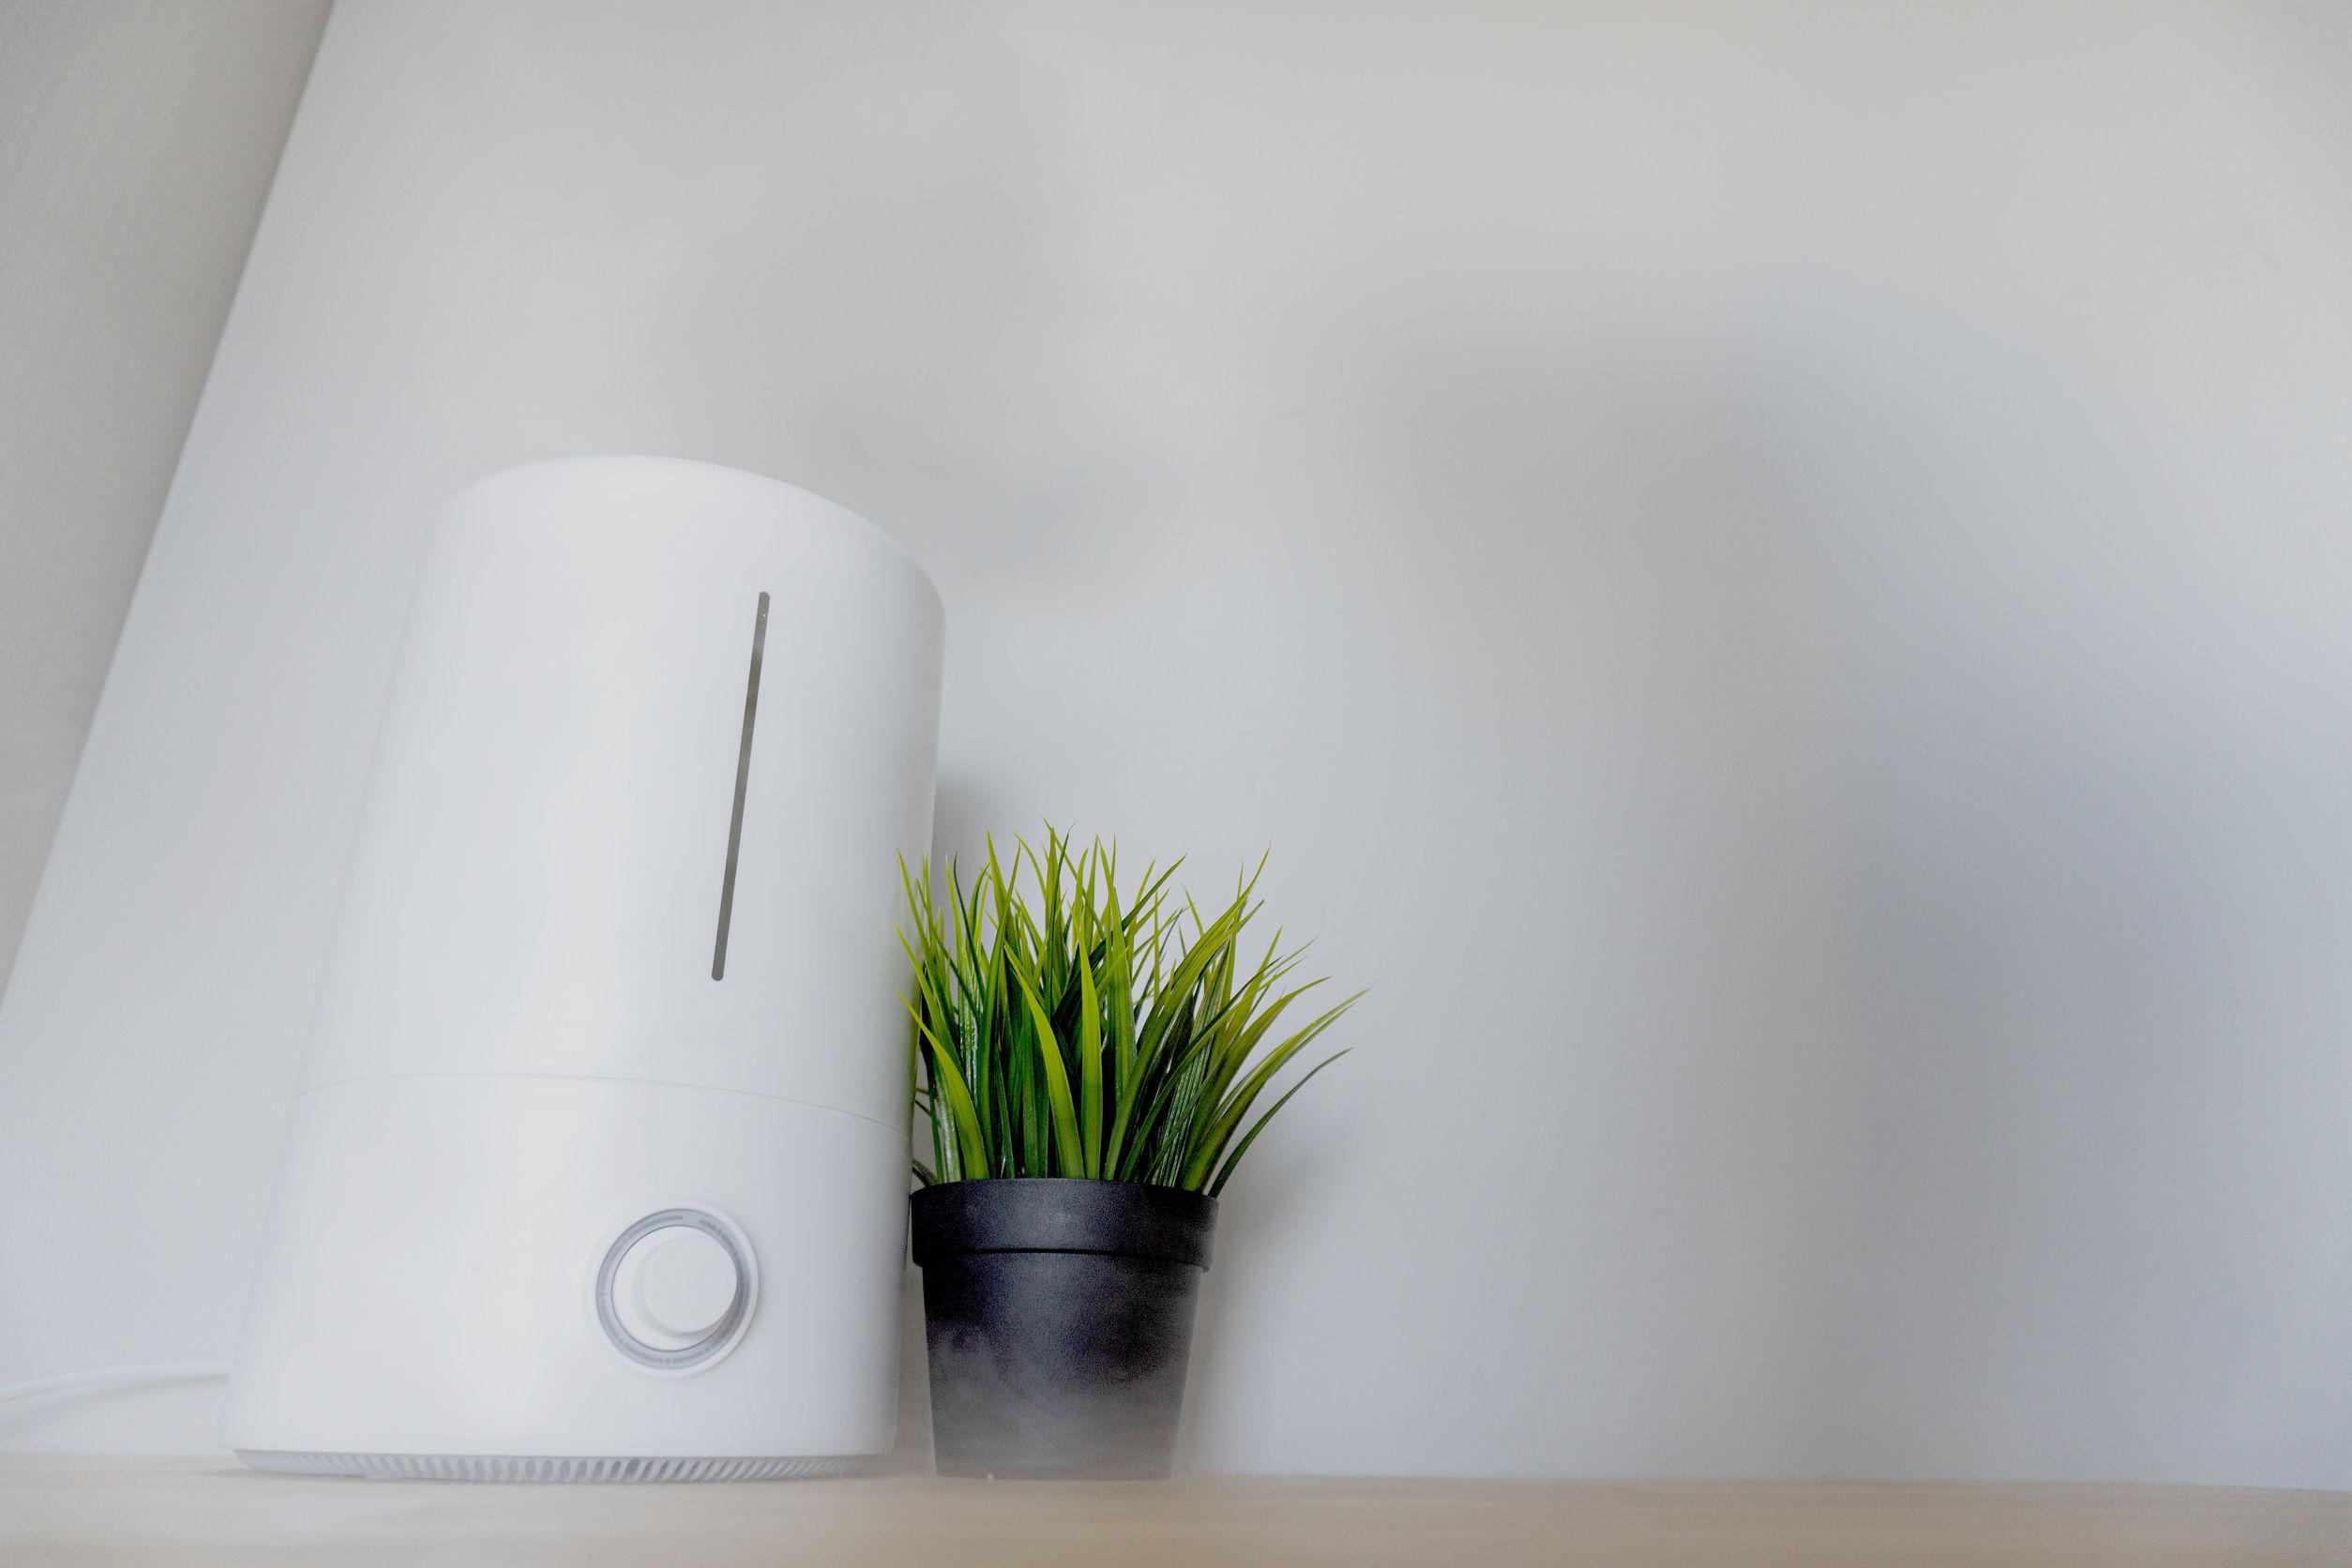 Generador de ozono: ¿Cuál es el mejor de 2020?